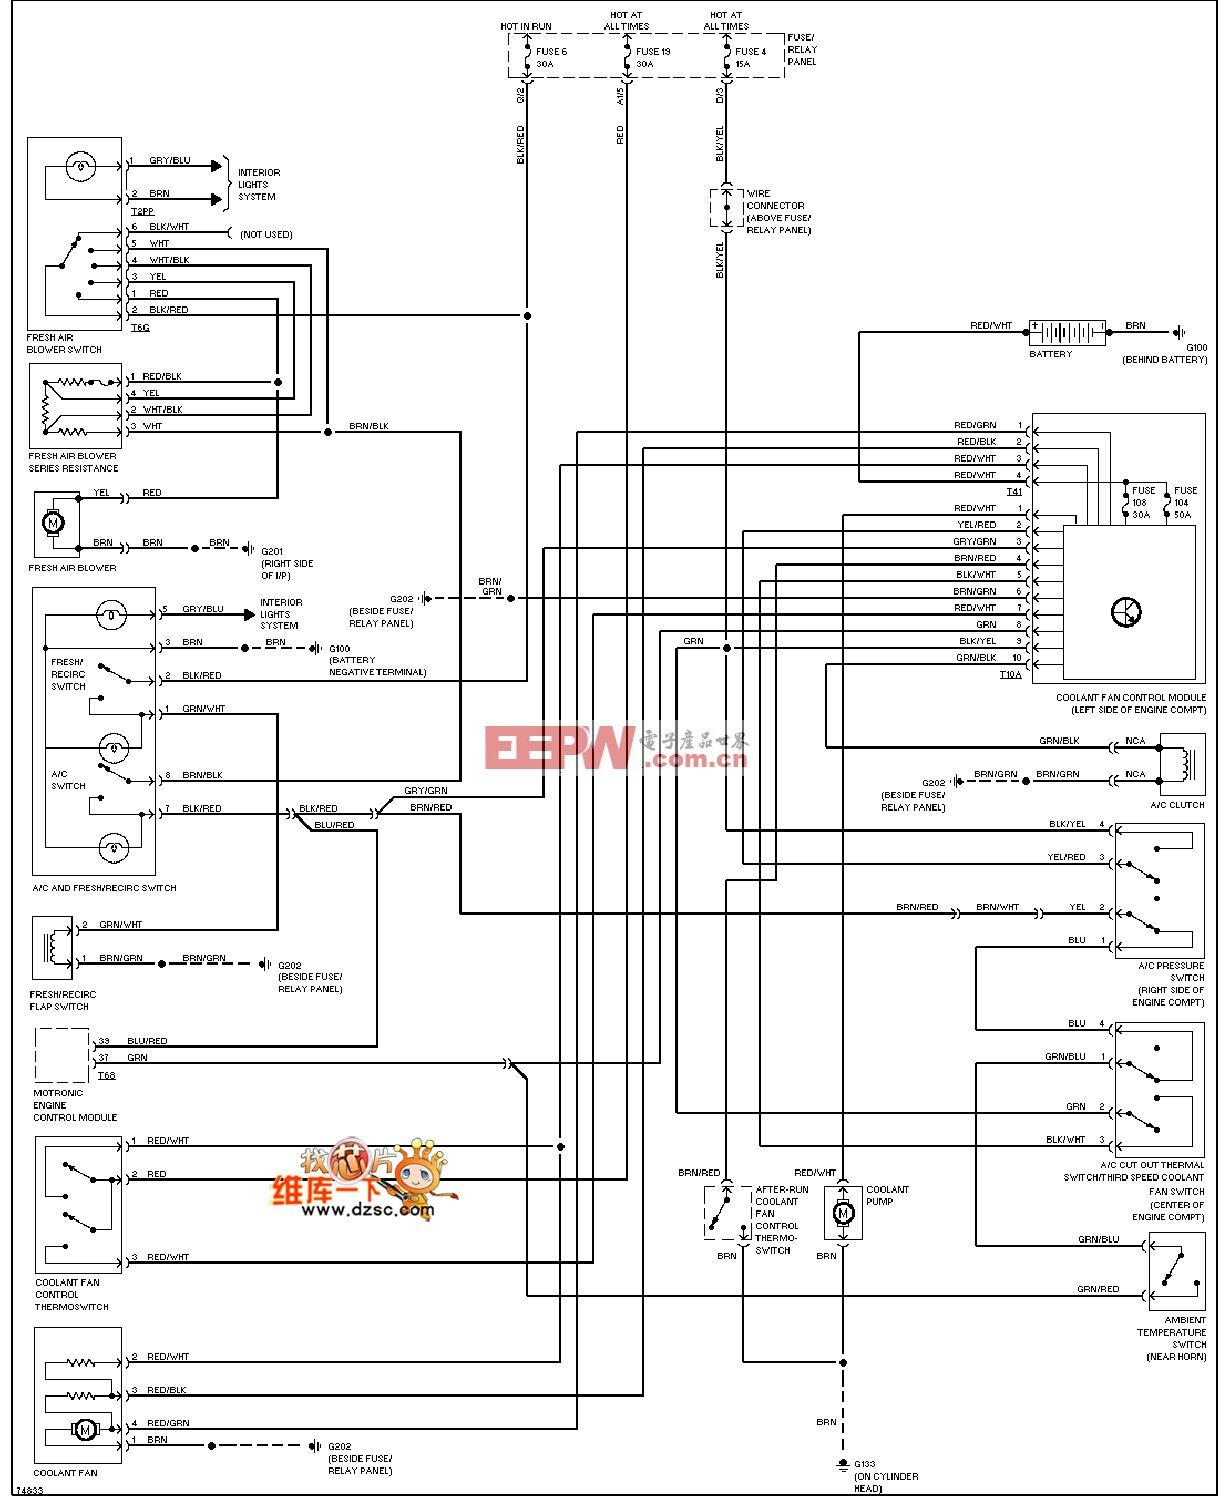 1995捷达 空调电路图(2.8l)